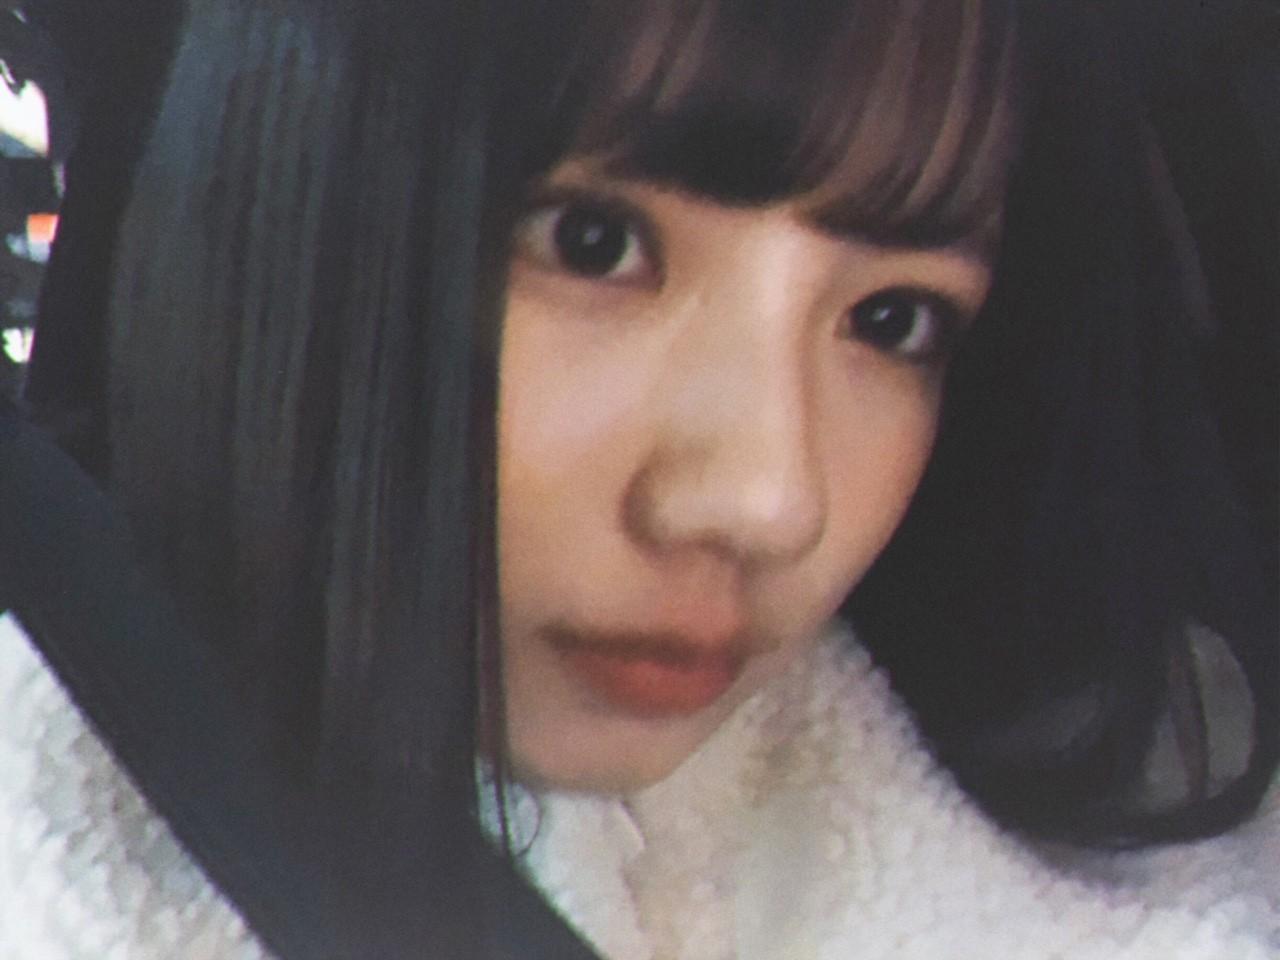 日向坂46 公式サイト: 【けやき坂46】ひらがなのメンバー愛に胸熱